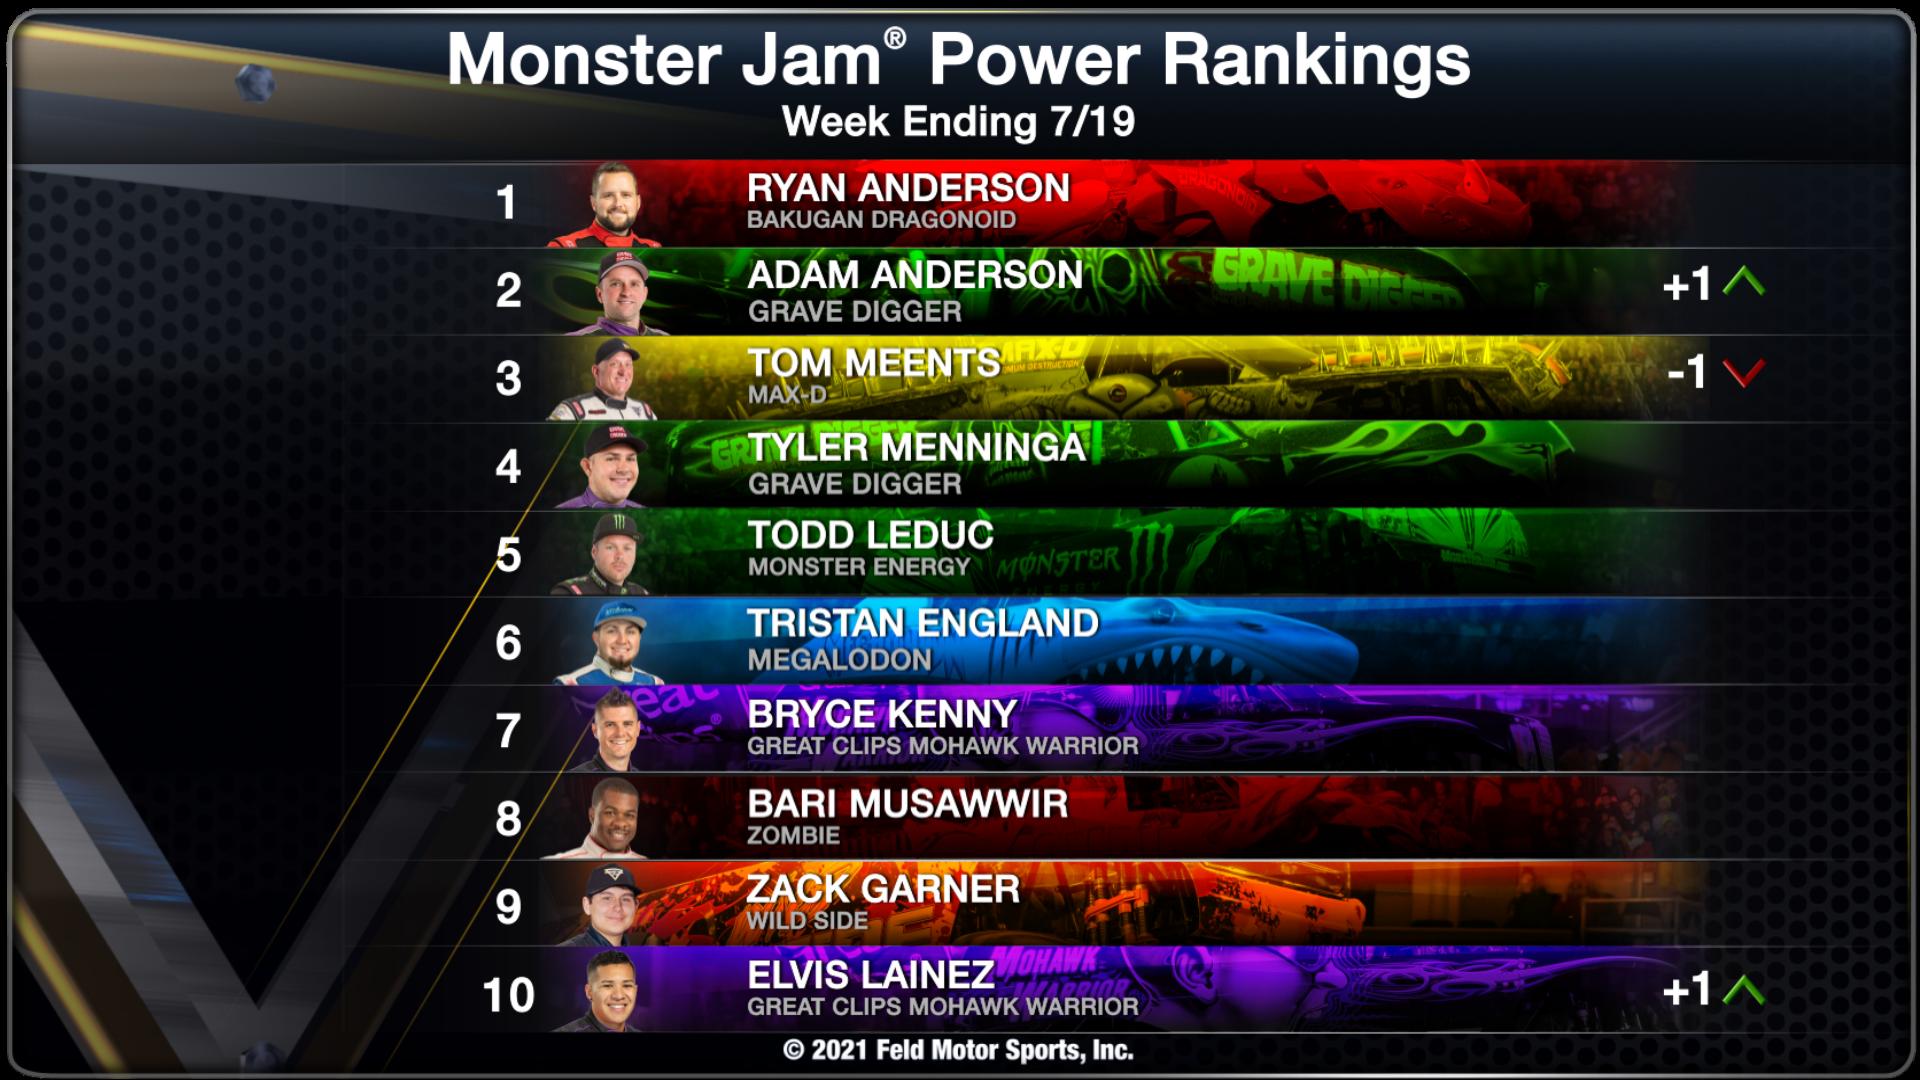 Power Rankings - Week Ending 07/19/21